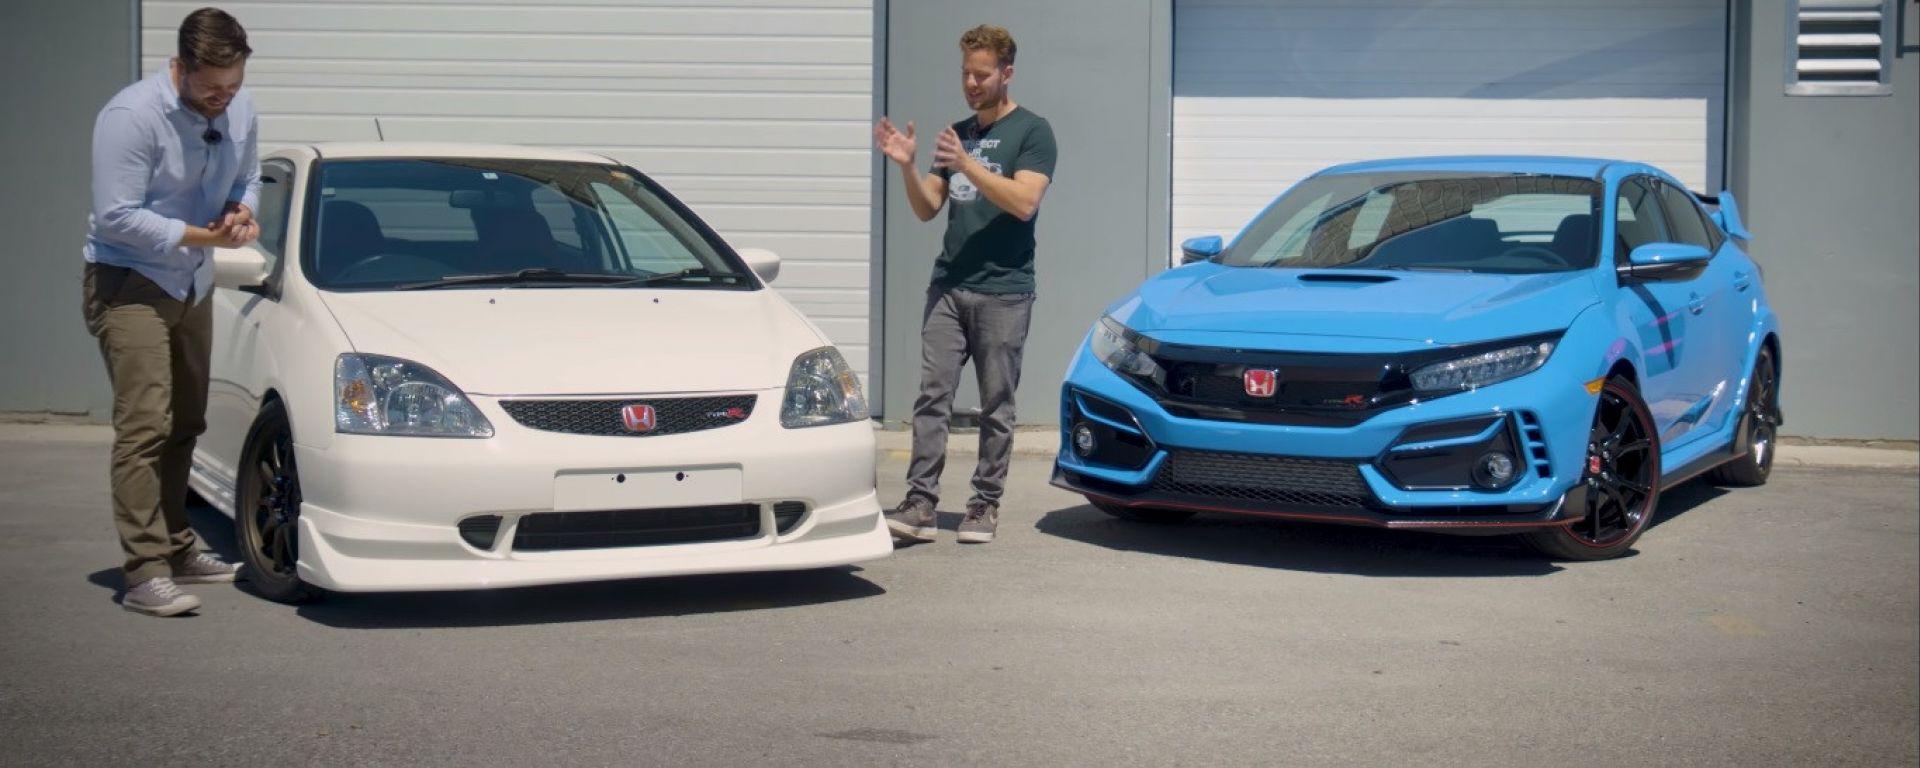 Honda Civic Type R a confronto: la versione 2020 contro la 2002